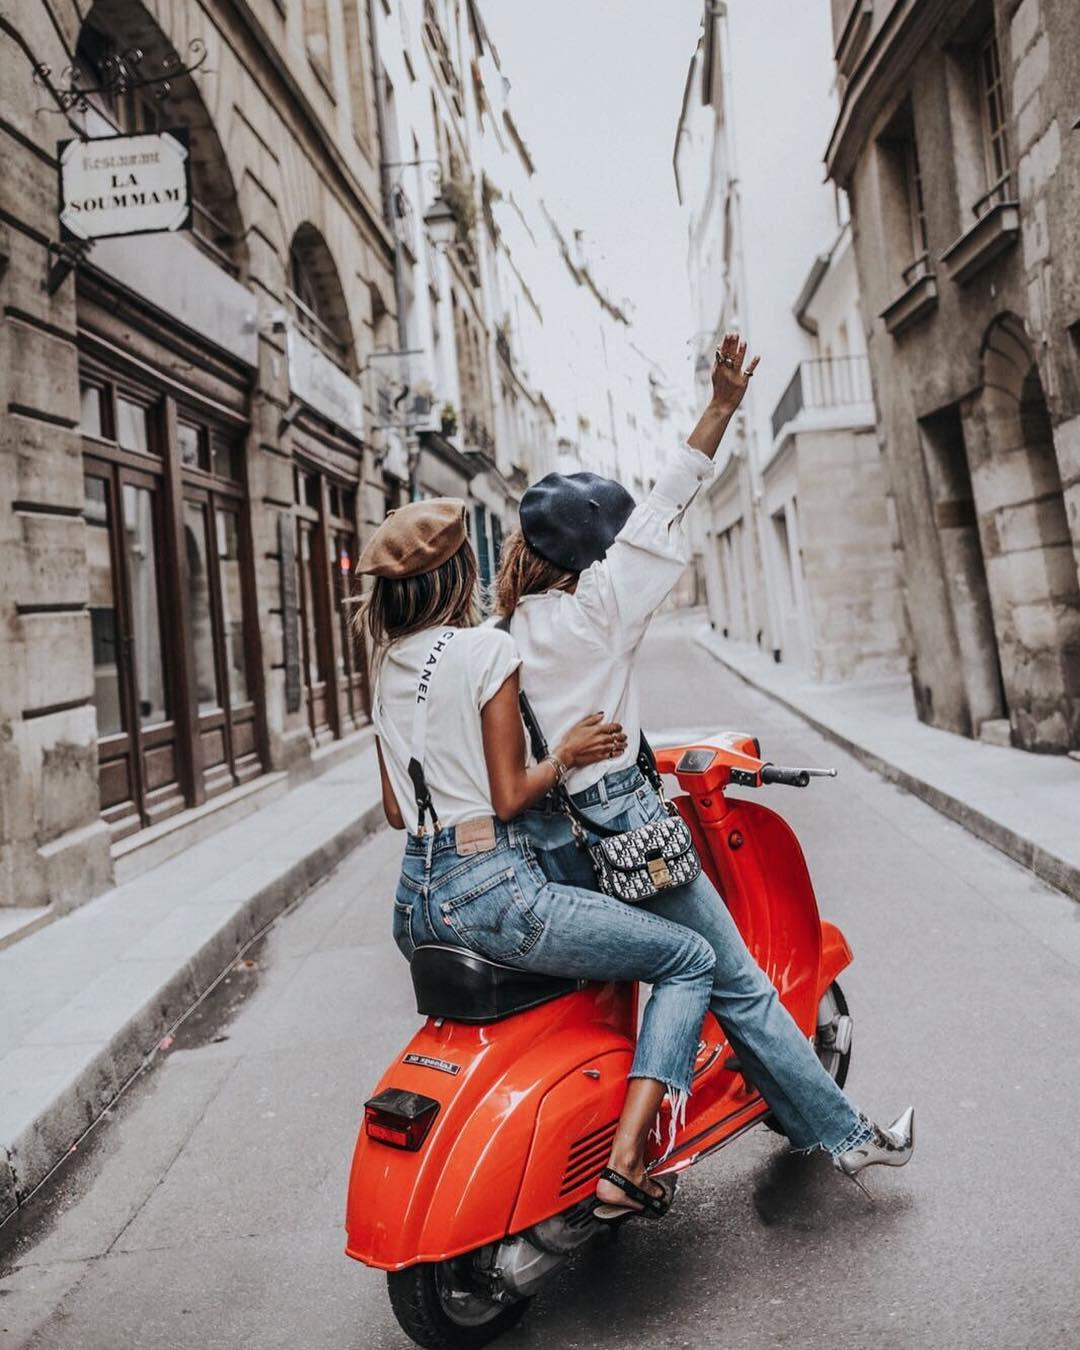 Δύο μπλόγκερ μας ταξιδεύουν στο Παρίσι Η Collage Vintage και η Sincerely Jules είναι κολλητές. Ταξιδεύουν μαζί, ποζάρουν με τα πιο stylish outfits της μόδας και μας κάνουν να θέλουμε να κλείσουμε εισιτήρια για τον επόμενο προορισμό μας. Μέσα από τις υπέροχες φωτογραφίες τους, κάνουμε μια στάση στην Πόλη του Φωτός και γνωρίζουμε τις ωραιότερες γωνιές της.